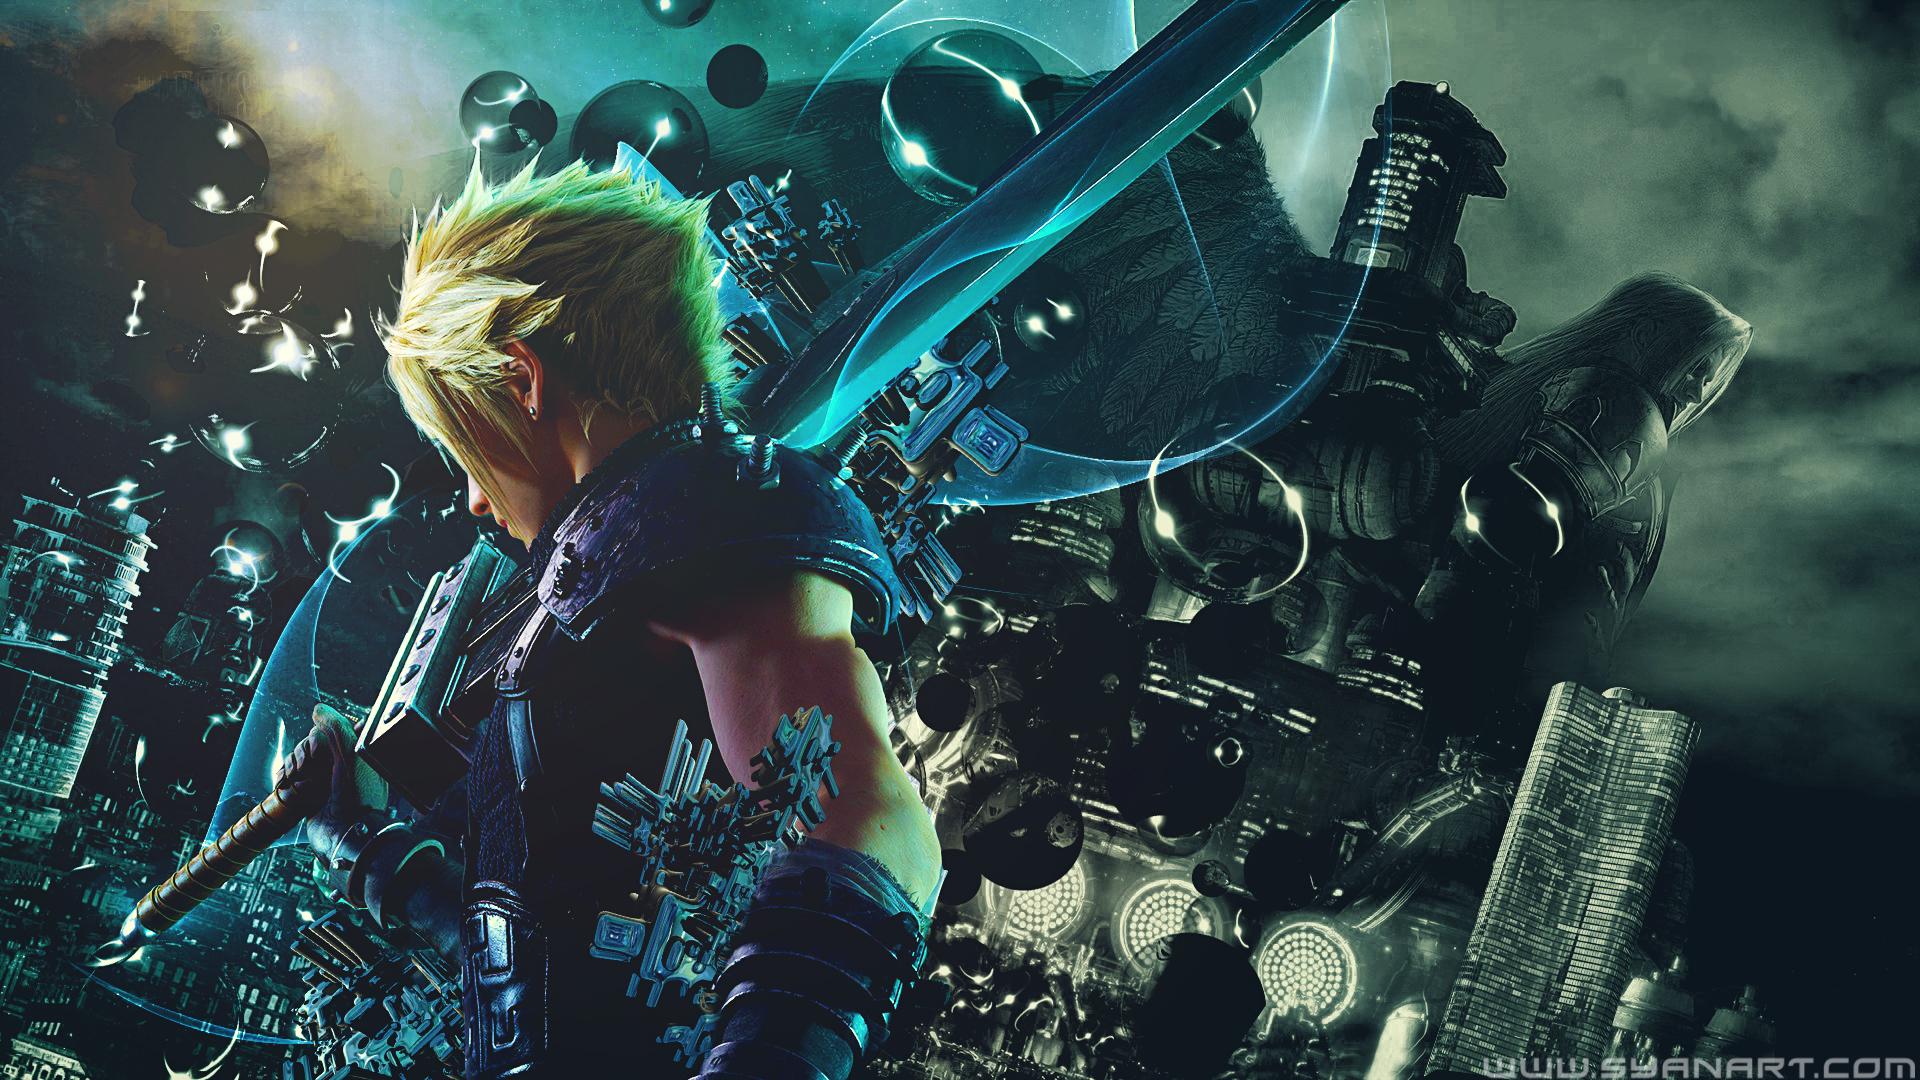 Final Fantasy 7 Remake Hack And Slash Wallpaper Syanart Station